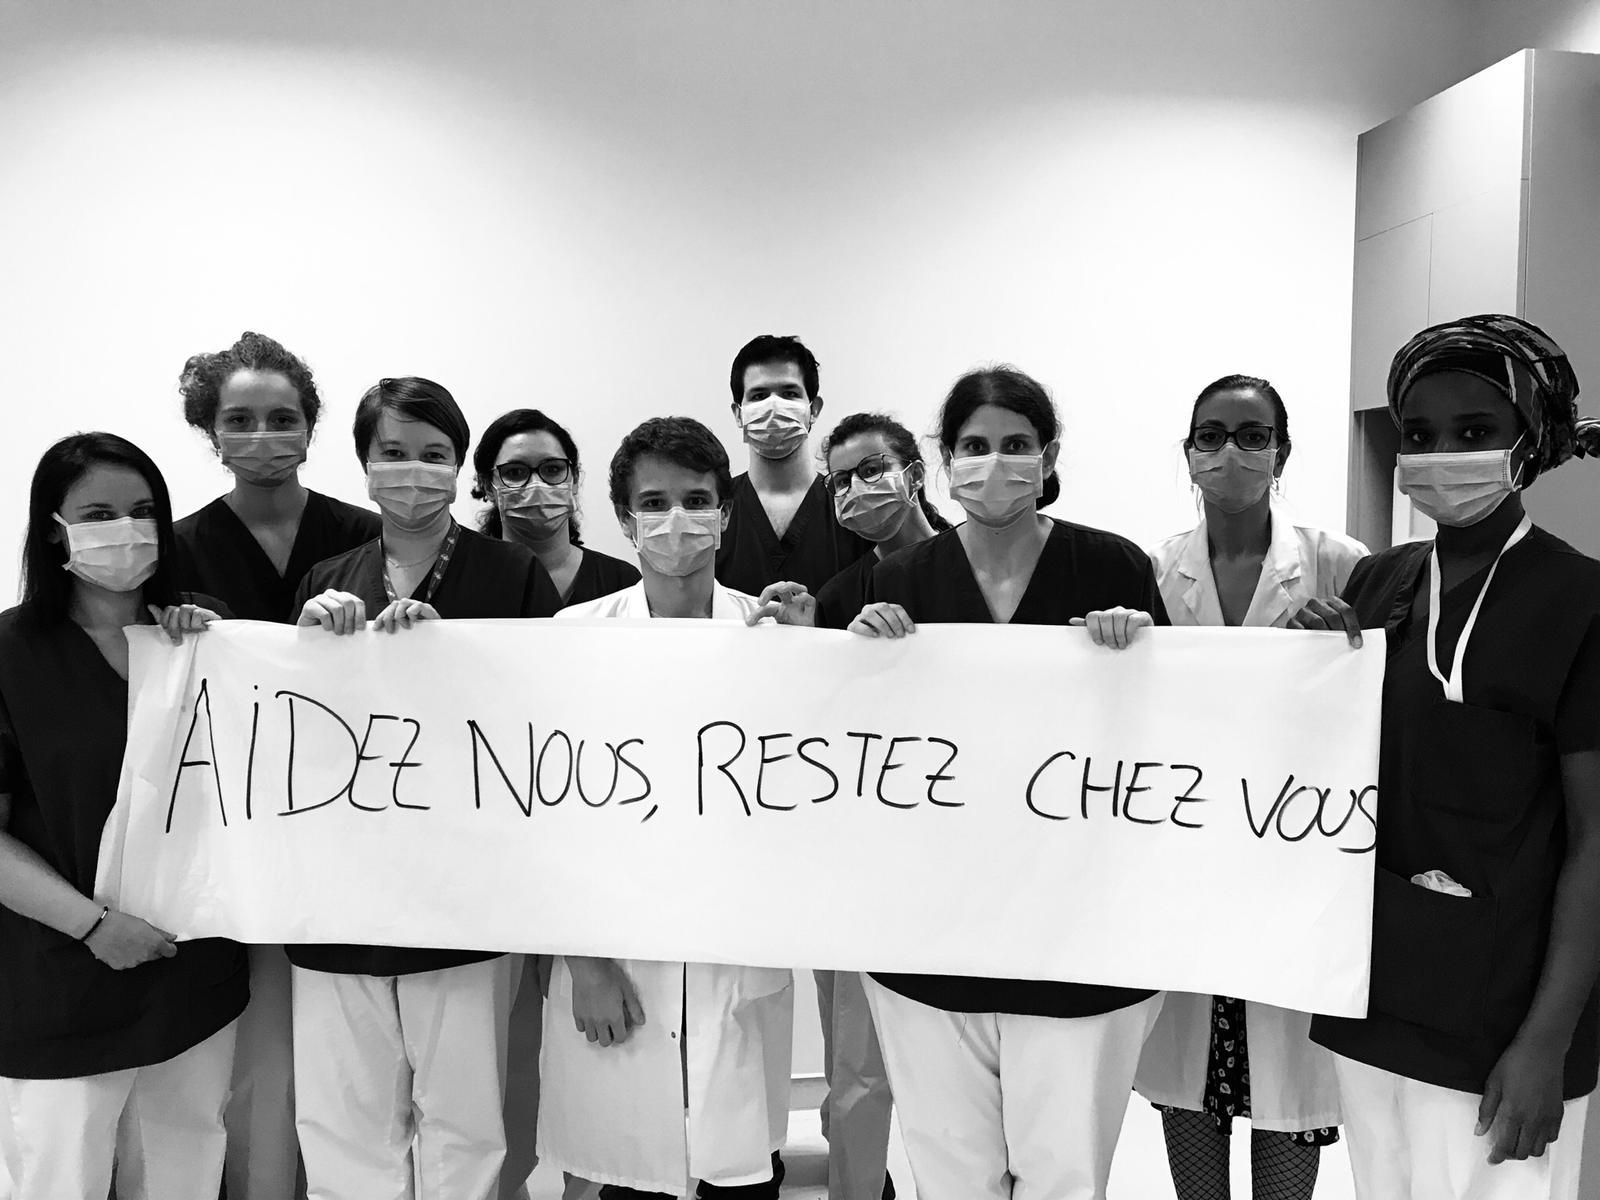 3 établissements Logis accueillent depuis plusieurs jours du personnel de santé - Crédit photo : compte Twitter @GL_Abou